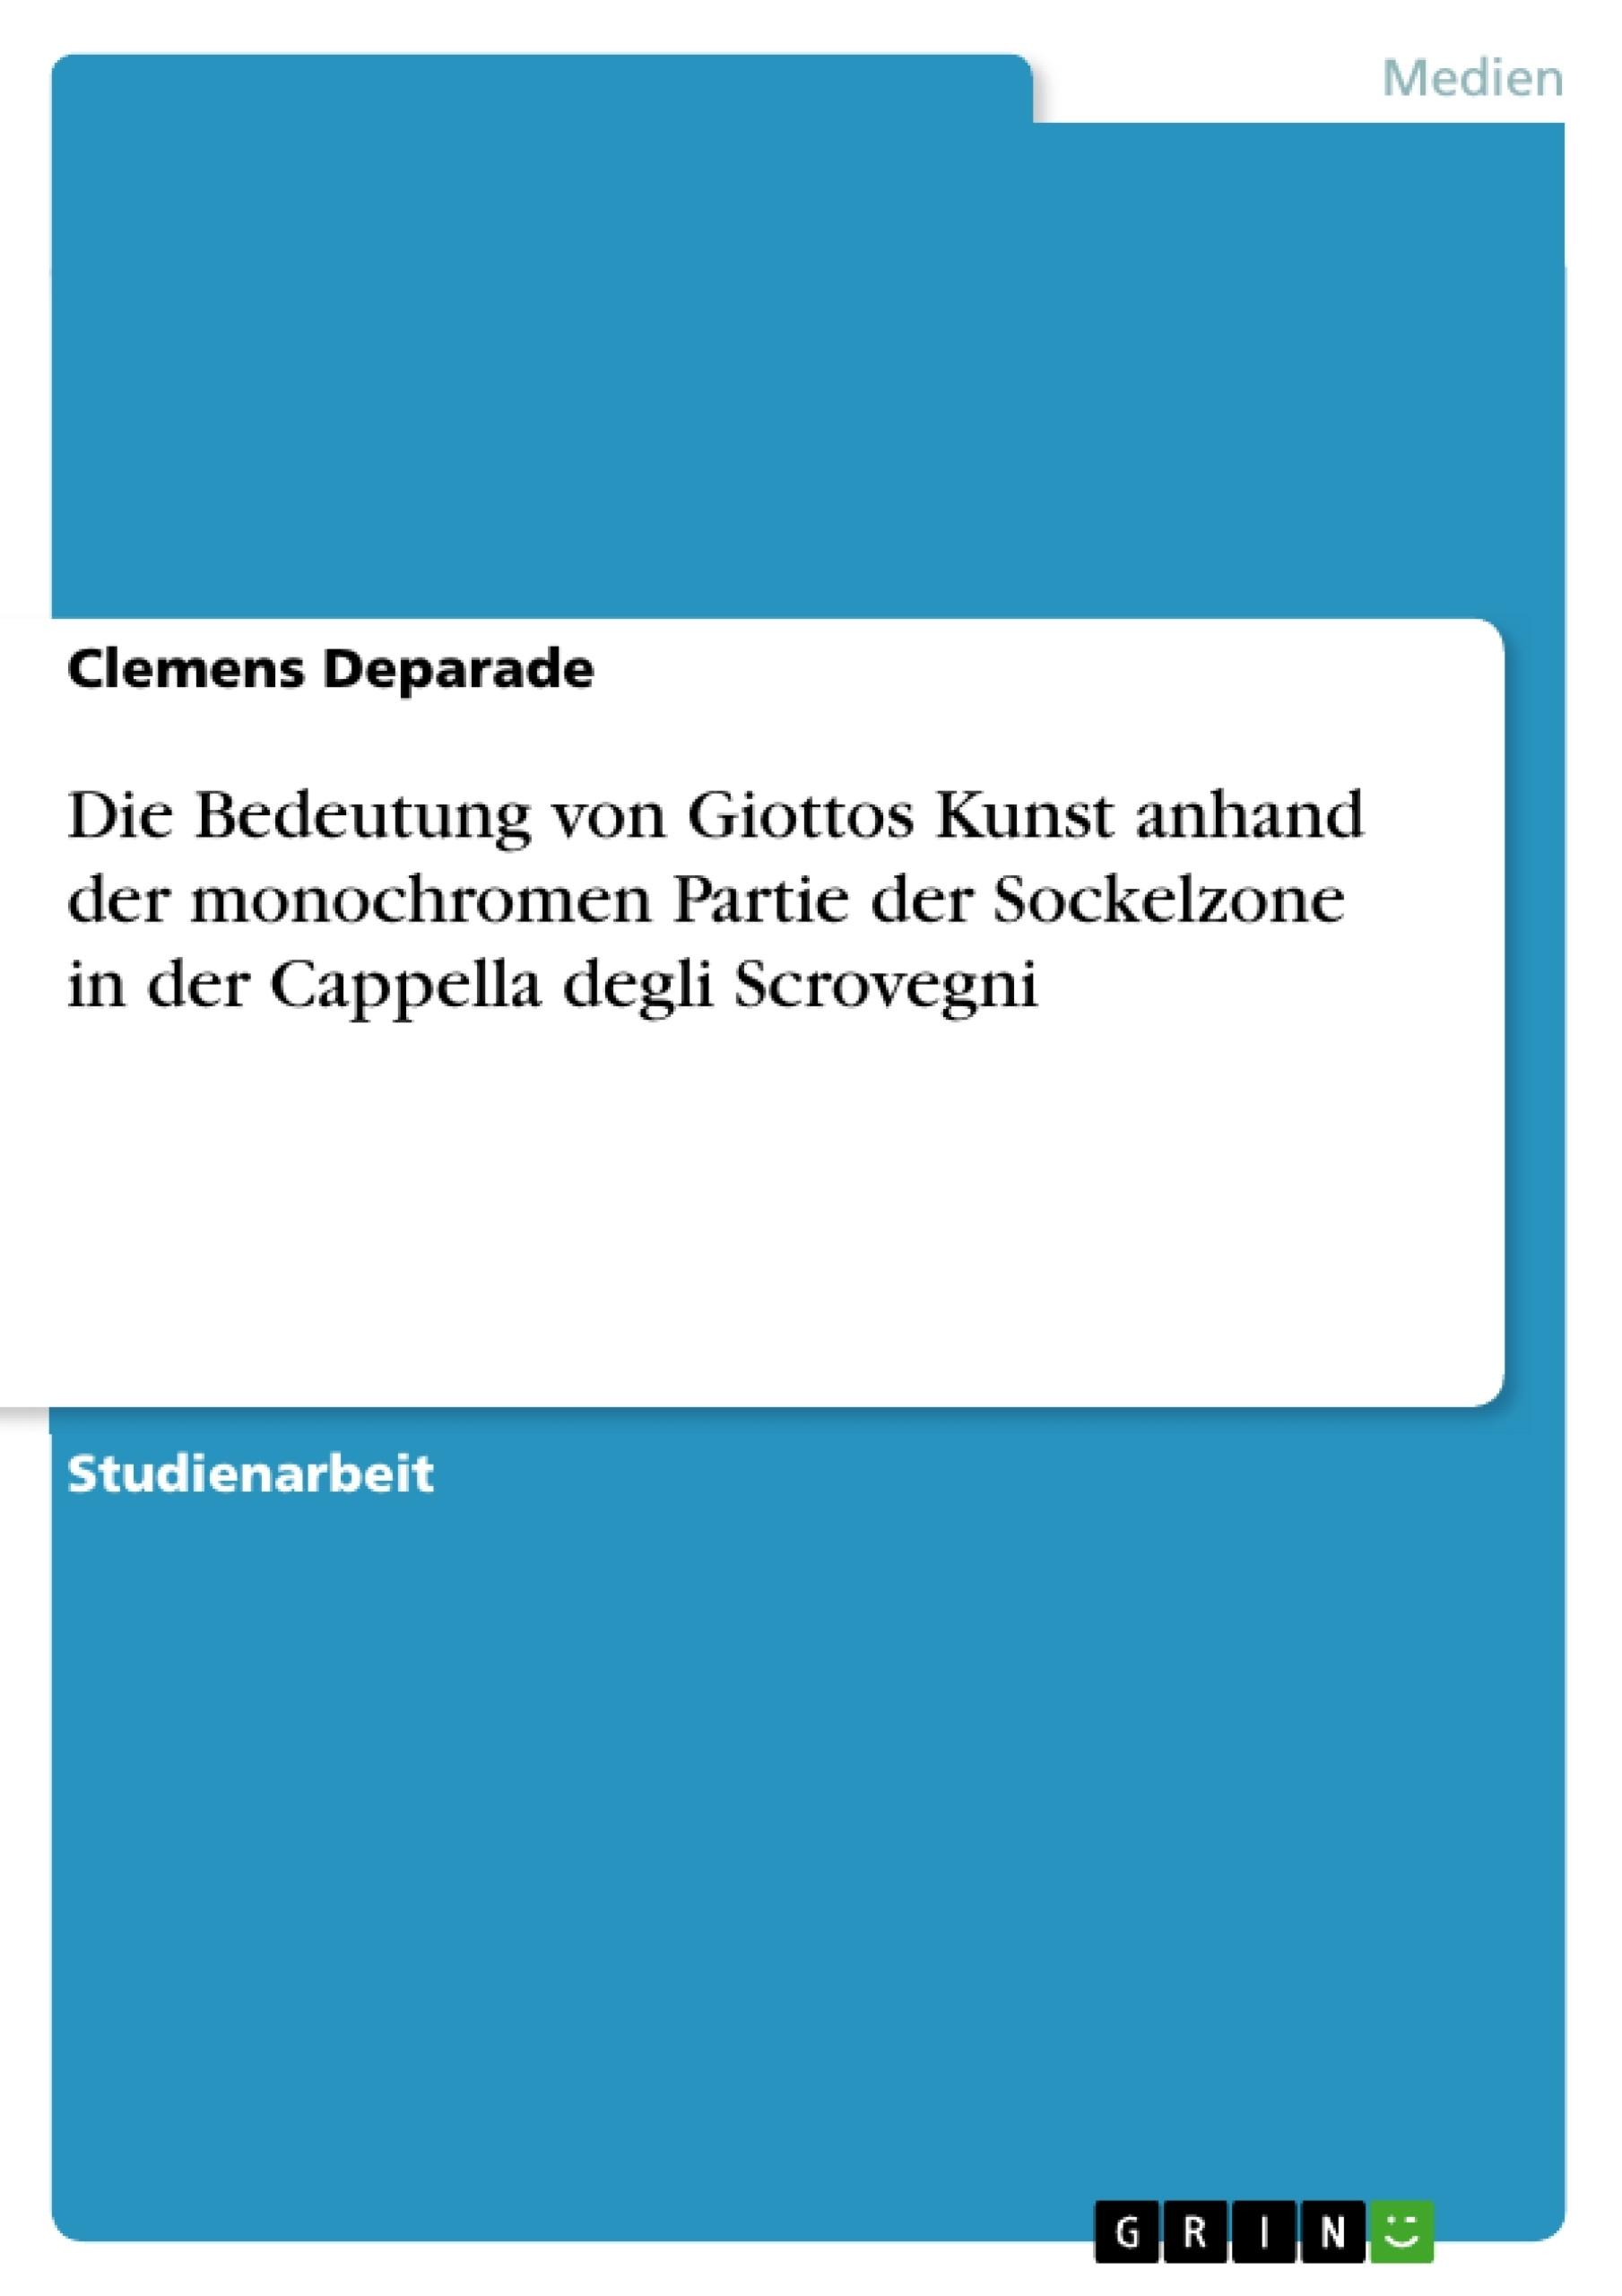 Titel: Die Bedeutung von Giottos Kunst anhand der monochromen Partie der Sockelzone in der Cappella degli Scrovegni